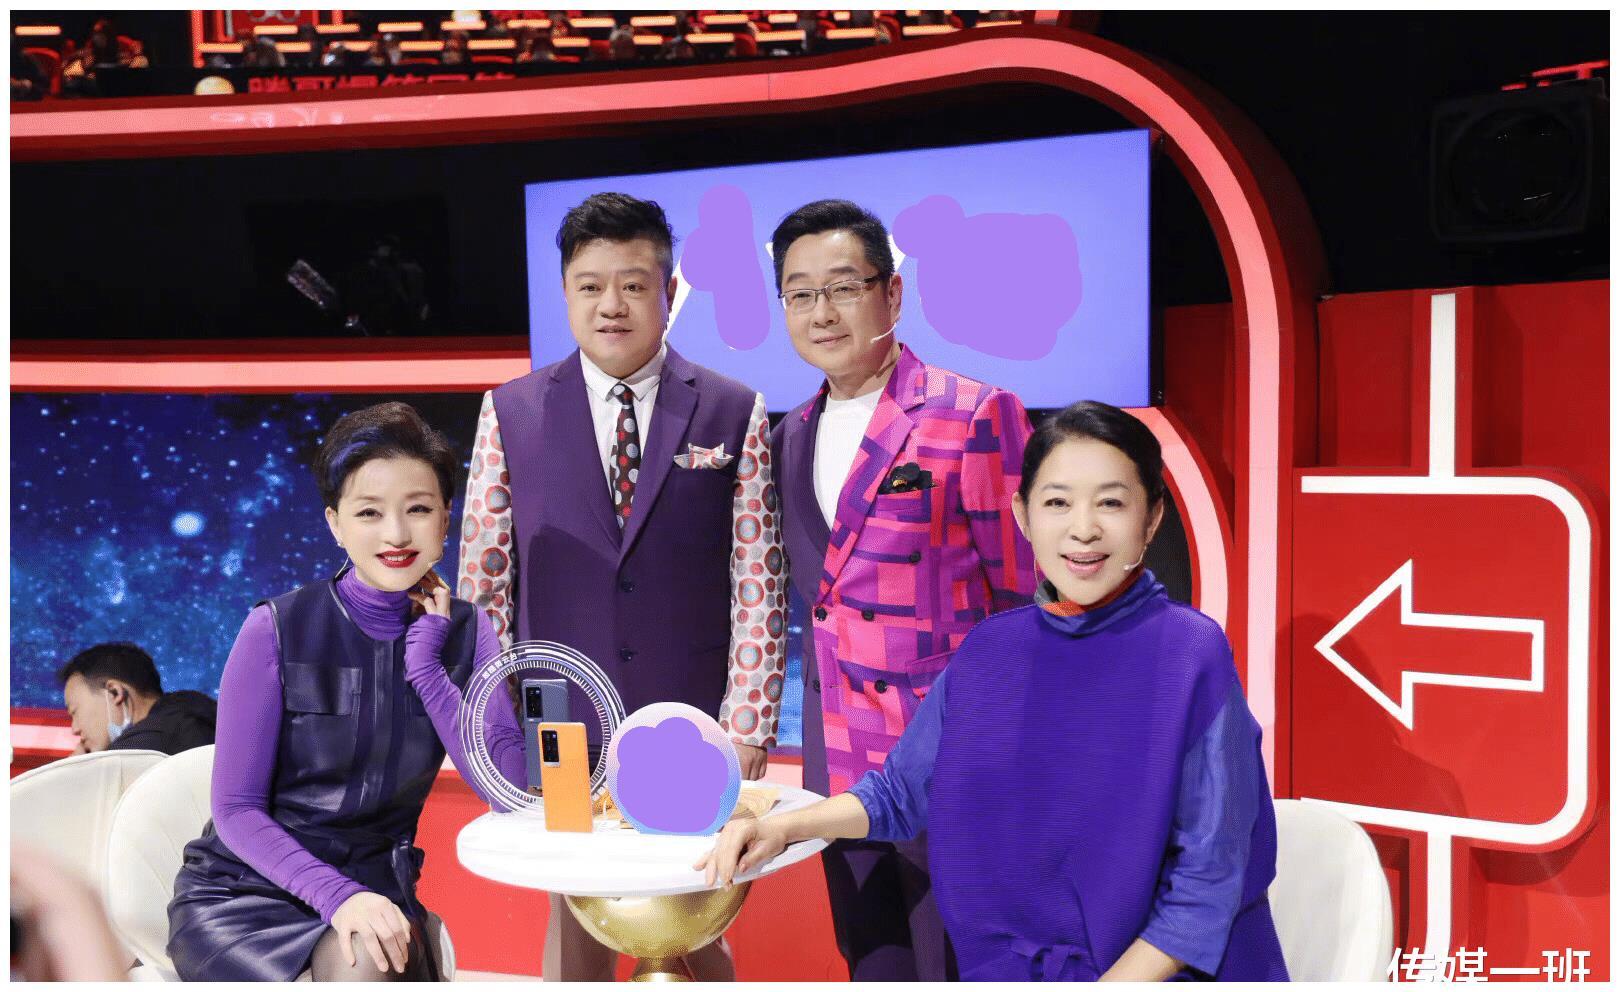 《王牌6》:张绍刚犀利打辩论,倪萍动情忆春晚,杨迪尴尬当陪跑